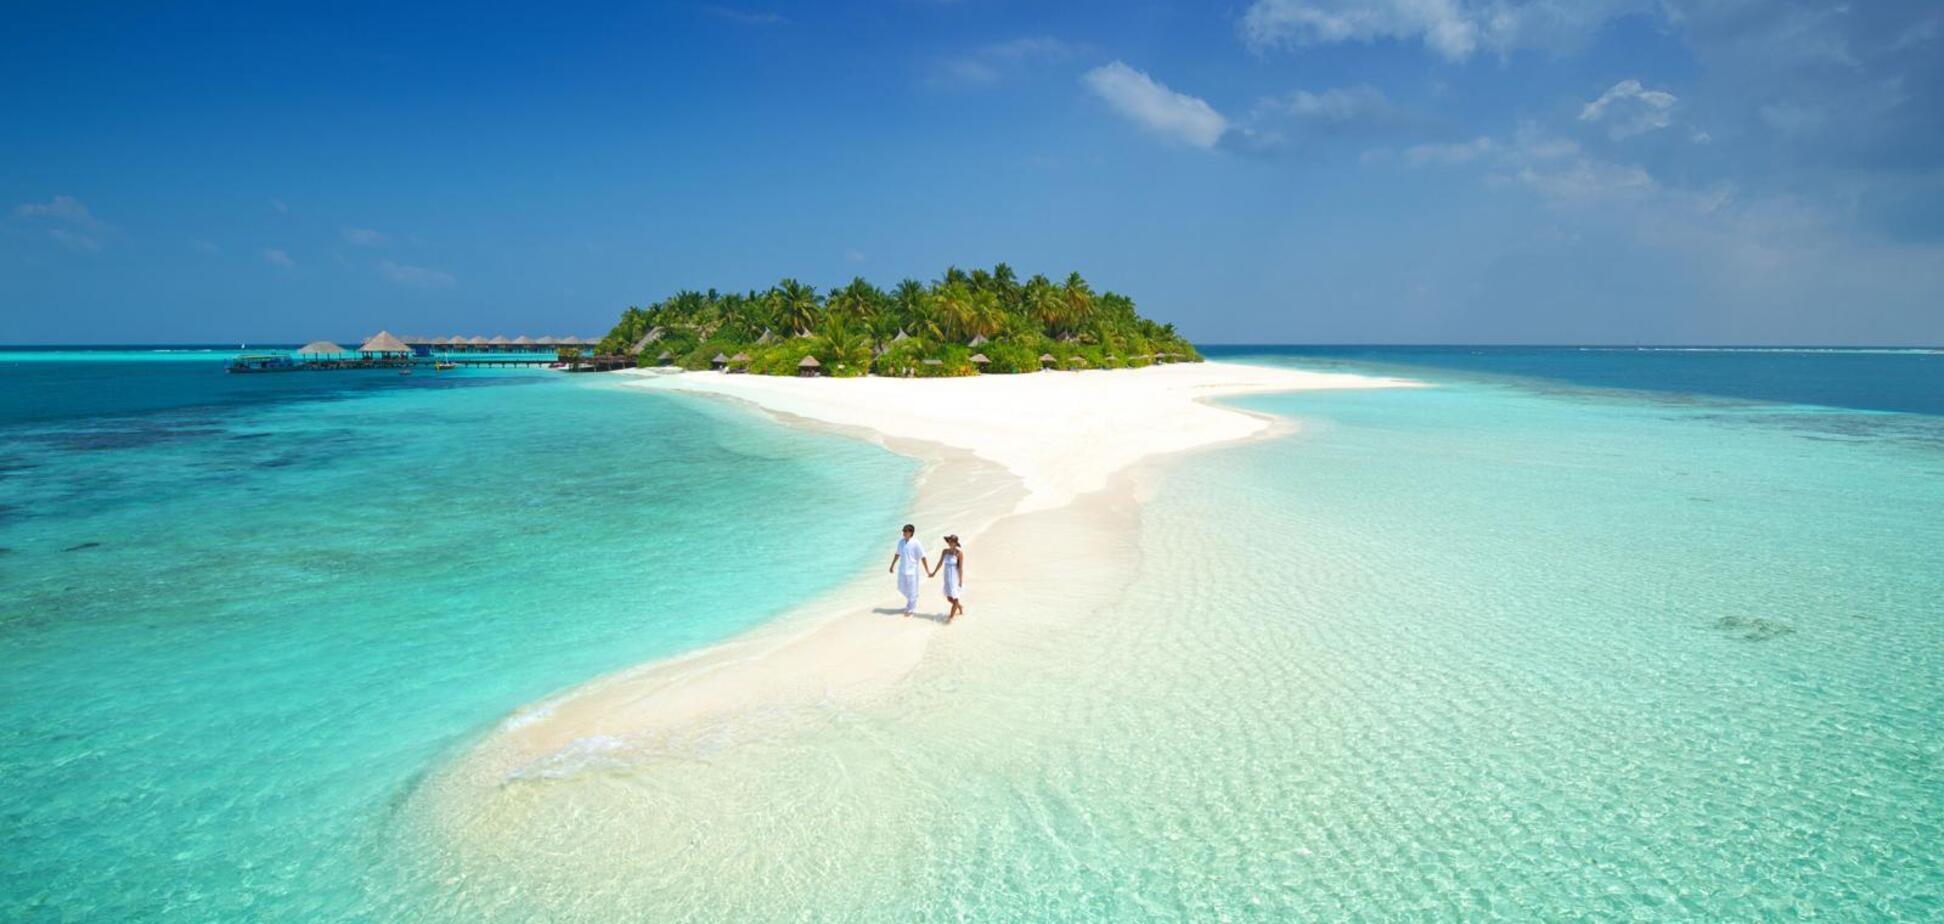 Відпочинок на Мальдівах у 2021 році: скільки коштує і як дістатися